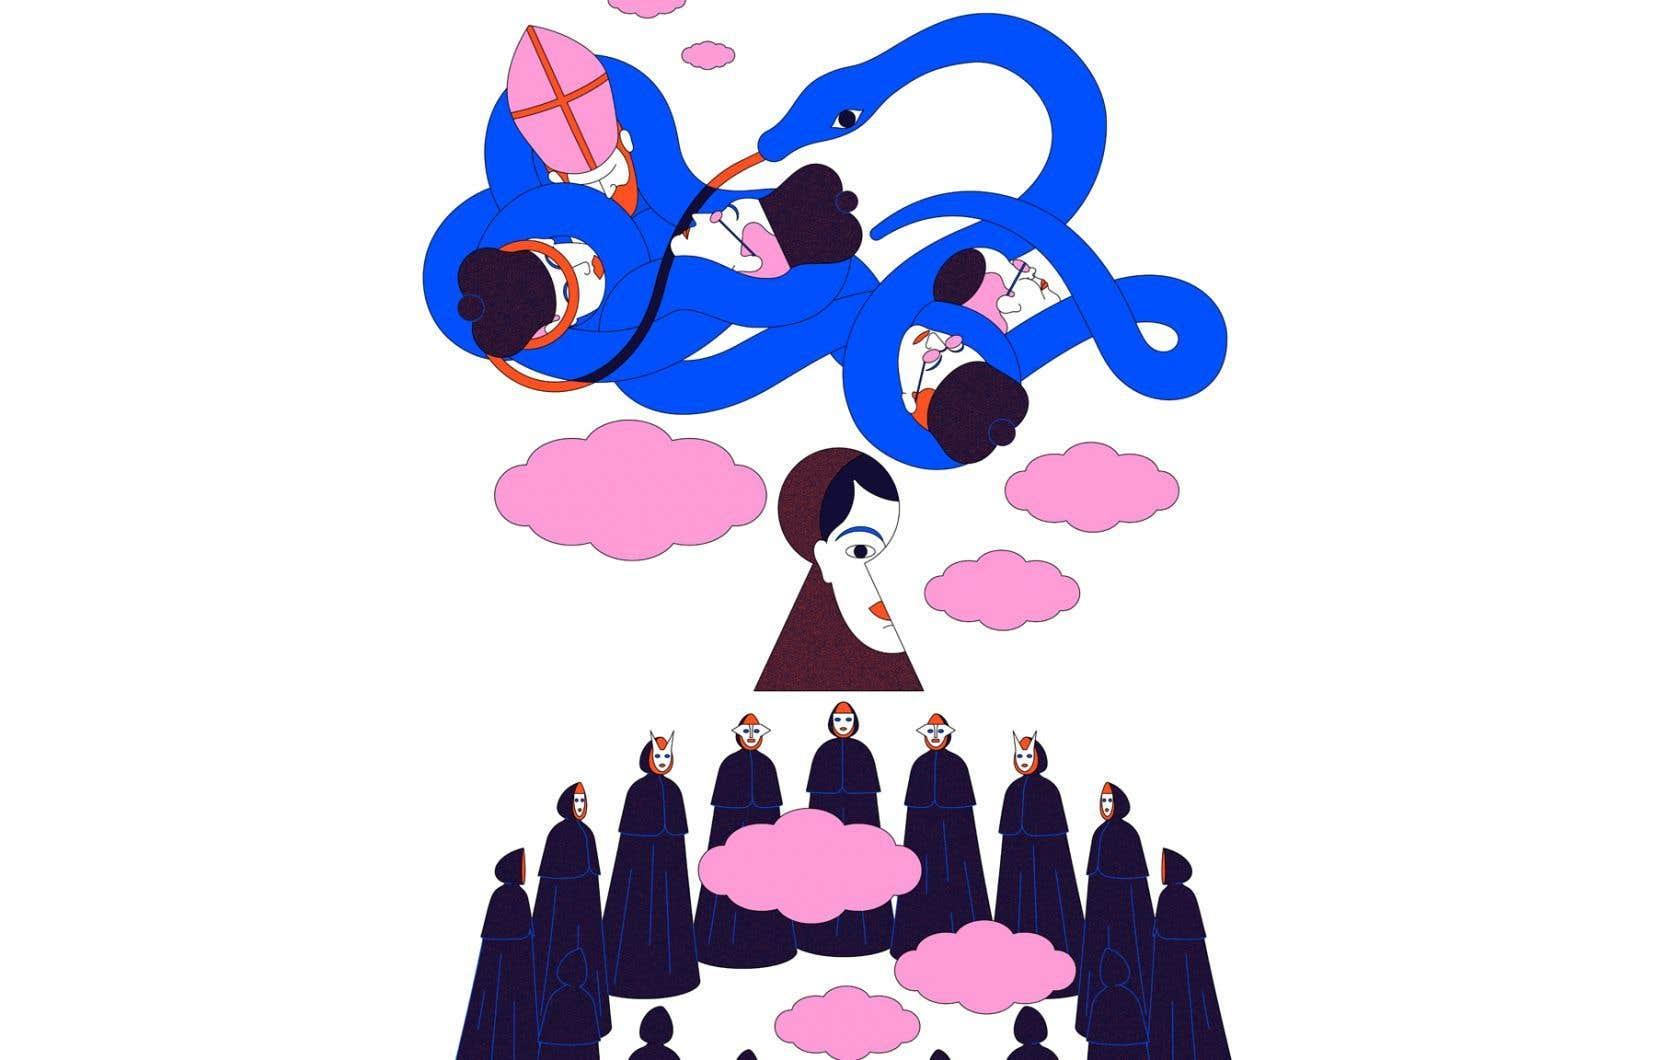 Selon ce que les espions affirment avoir entendu à la séance maçonnique du 11février, les membres de L'Émancipation ont mis sur pied un projet de complot contre l'Église catholique lors du Congrès eucharistique international, qui doit se tenir à Montréal en septembre.